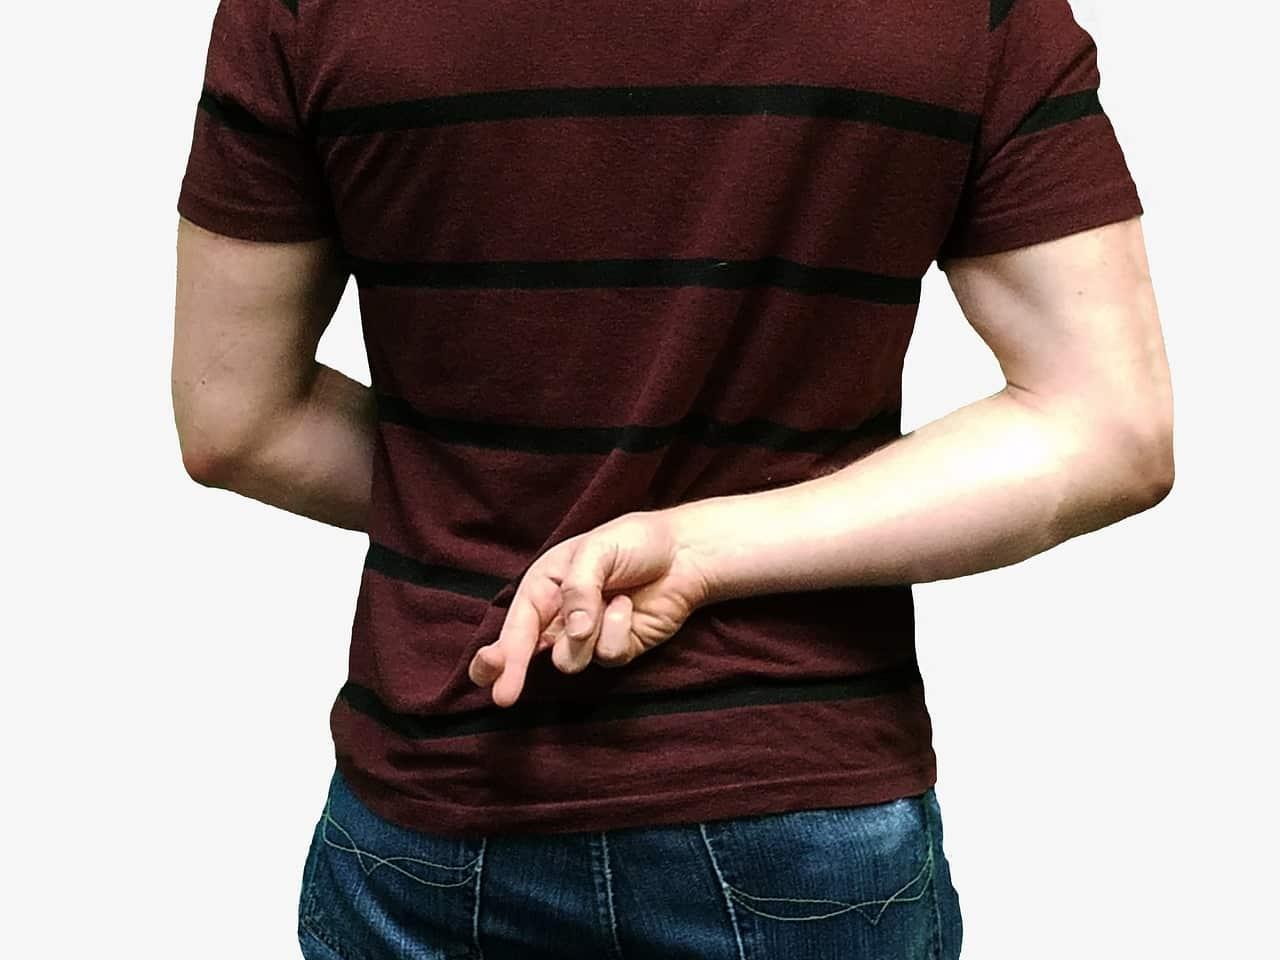 lying 1562272 1280 - วิธีรับมือกับ 6 นิสัยของเพื่อนที่บอกได้คำเดียวว่ารับไม่ได้!